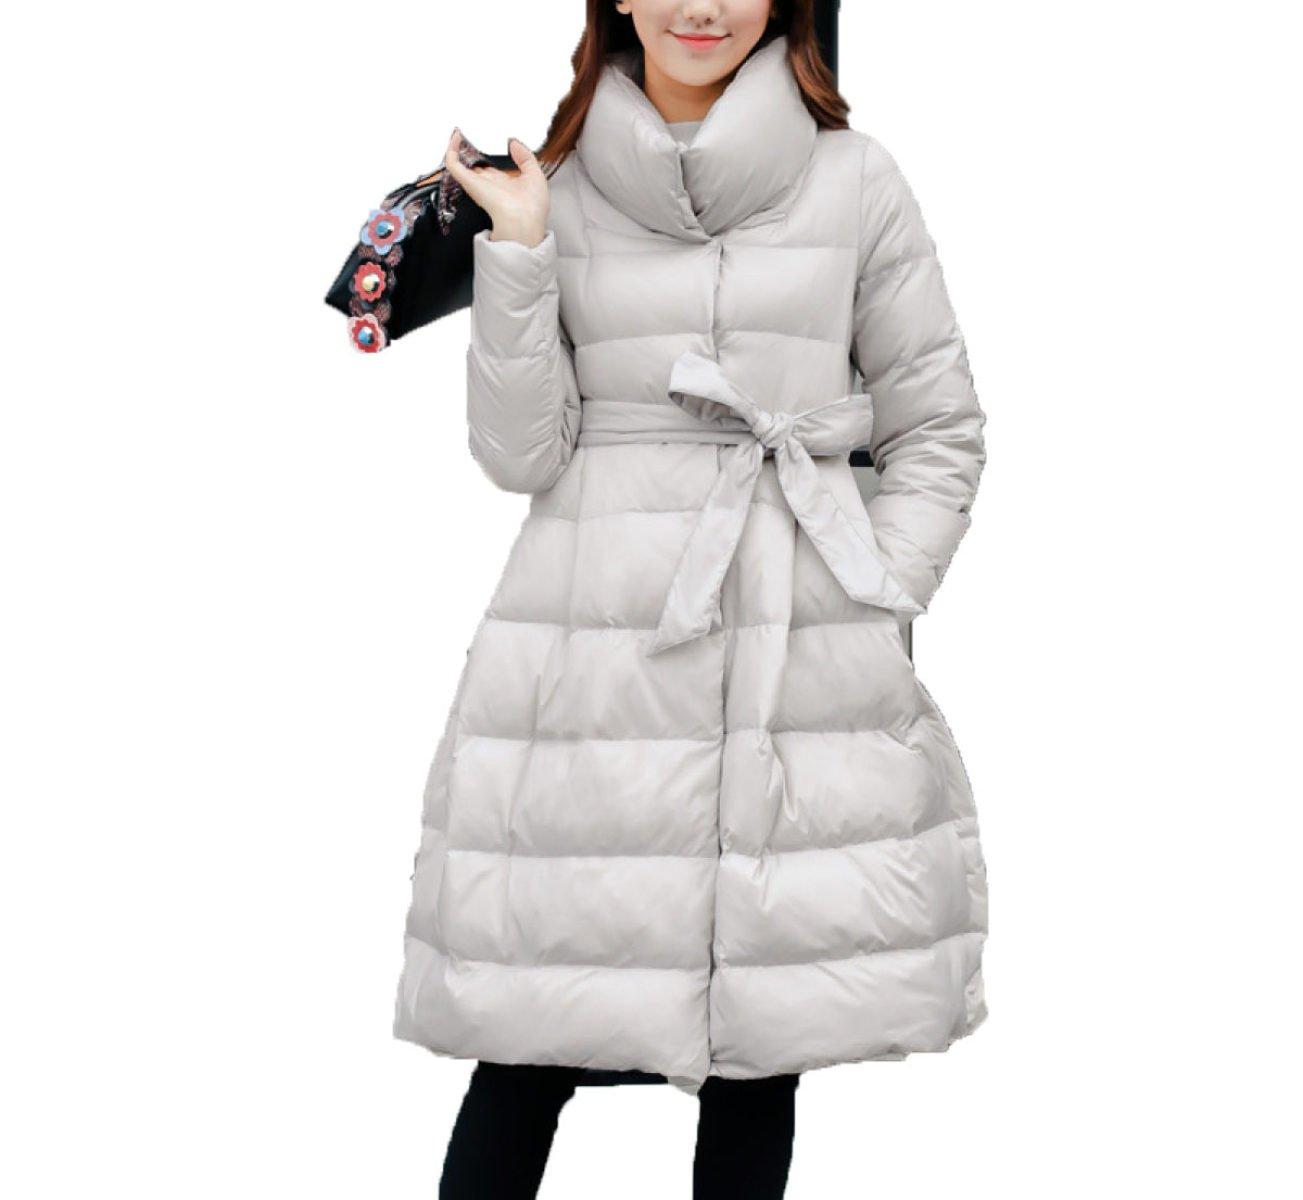 LQABW Winter Down Jacket Una Capa De Palabra Cintura Acolchado Puffa